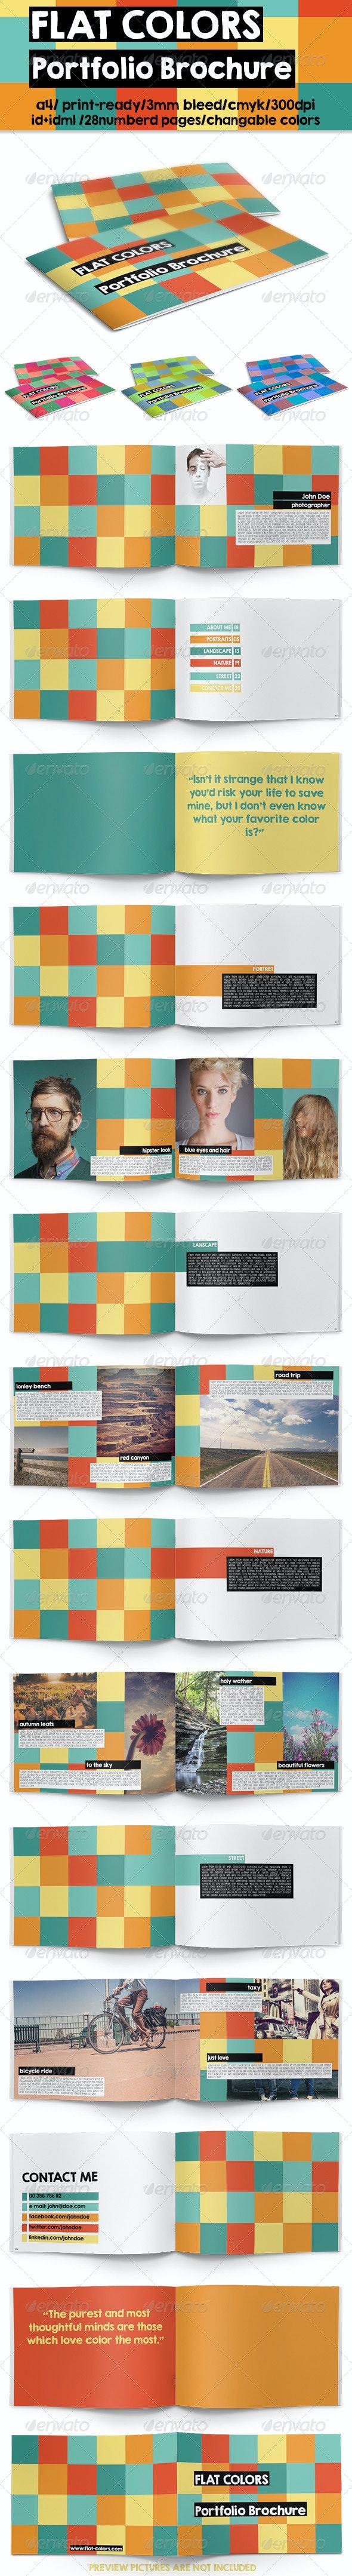 Flat Colors Portfolio Brochure - Brochures Print Templates